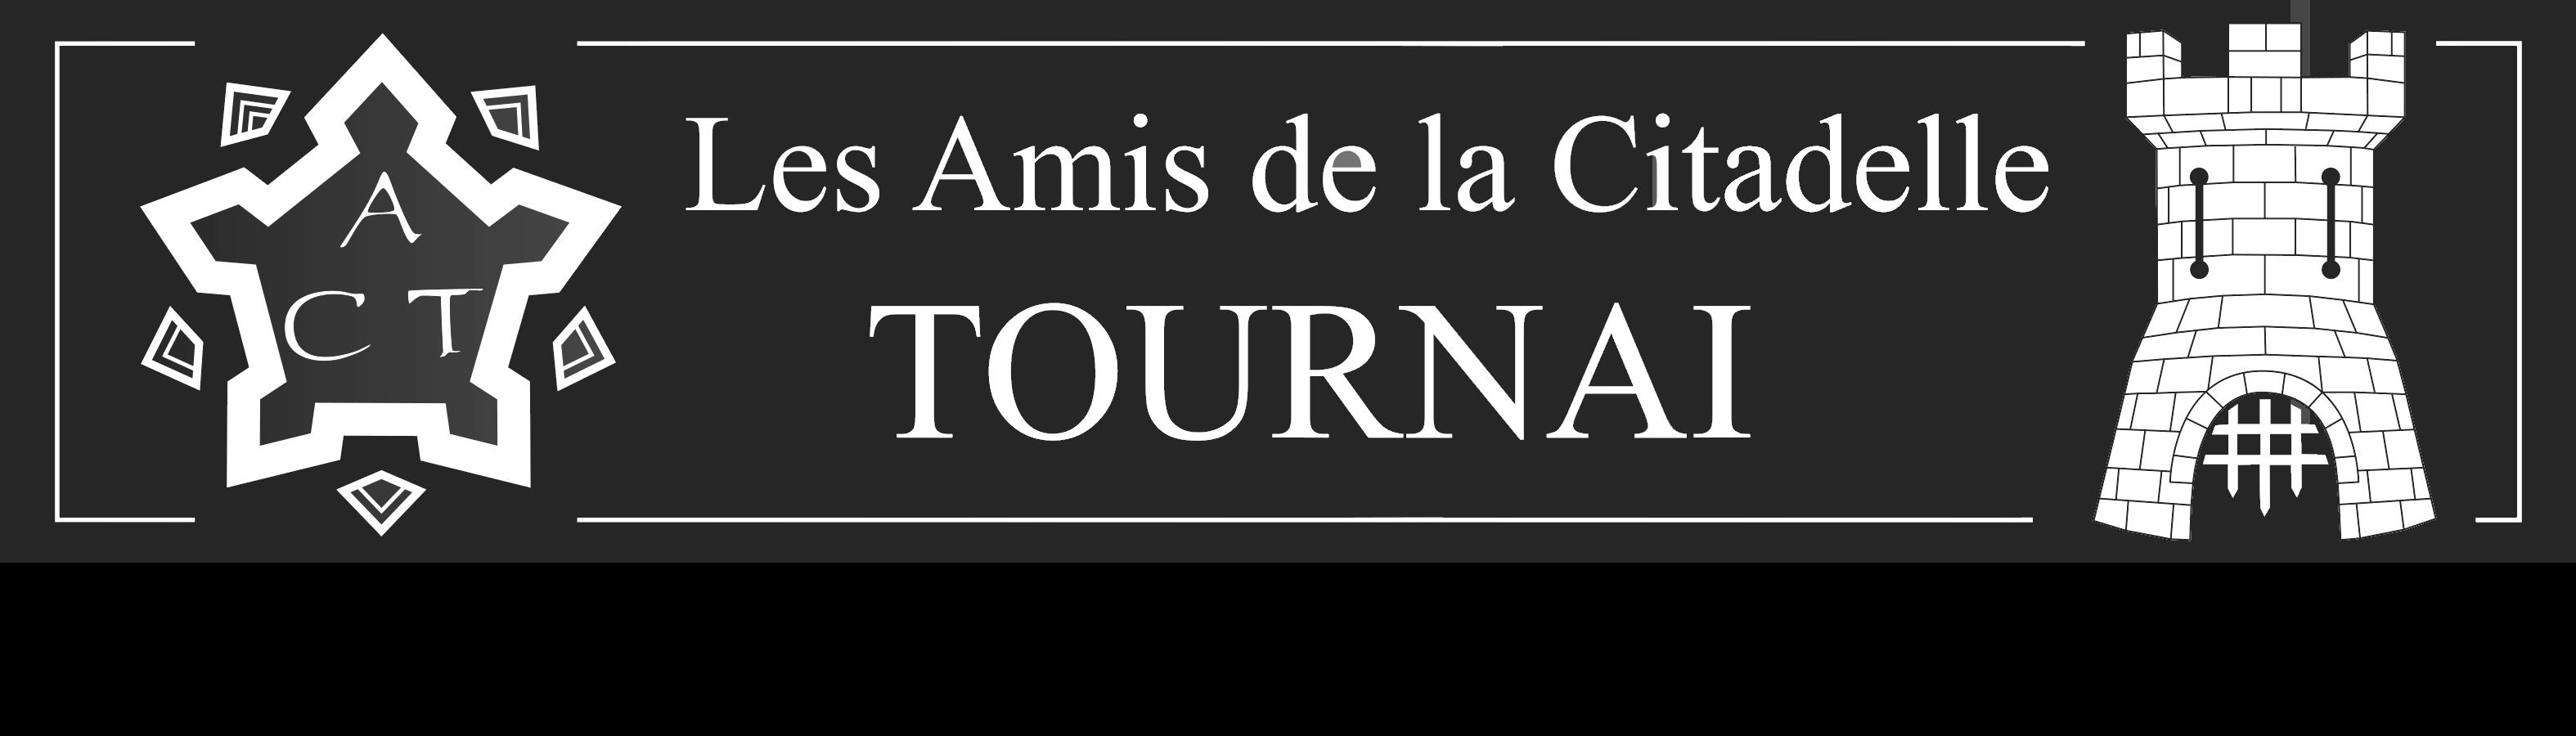 Les Amis de la Citadelle de Tournai